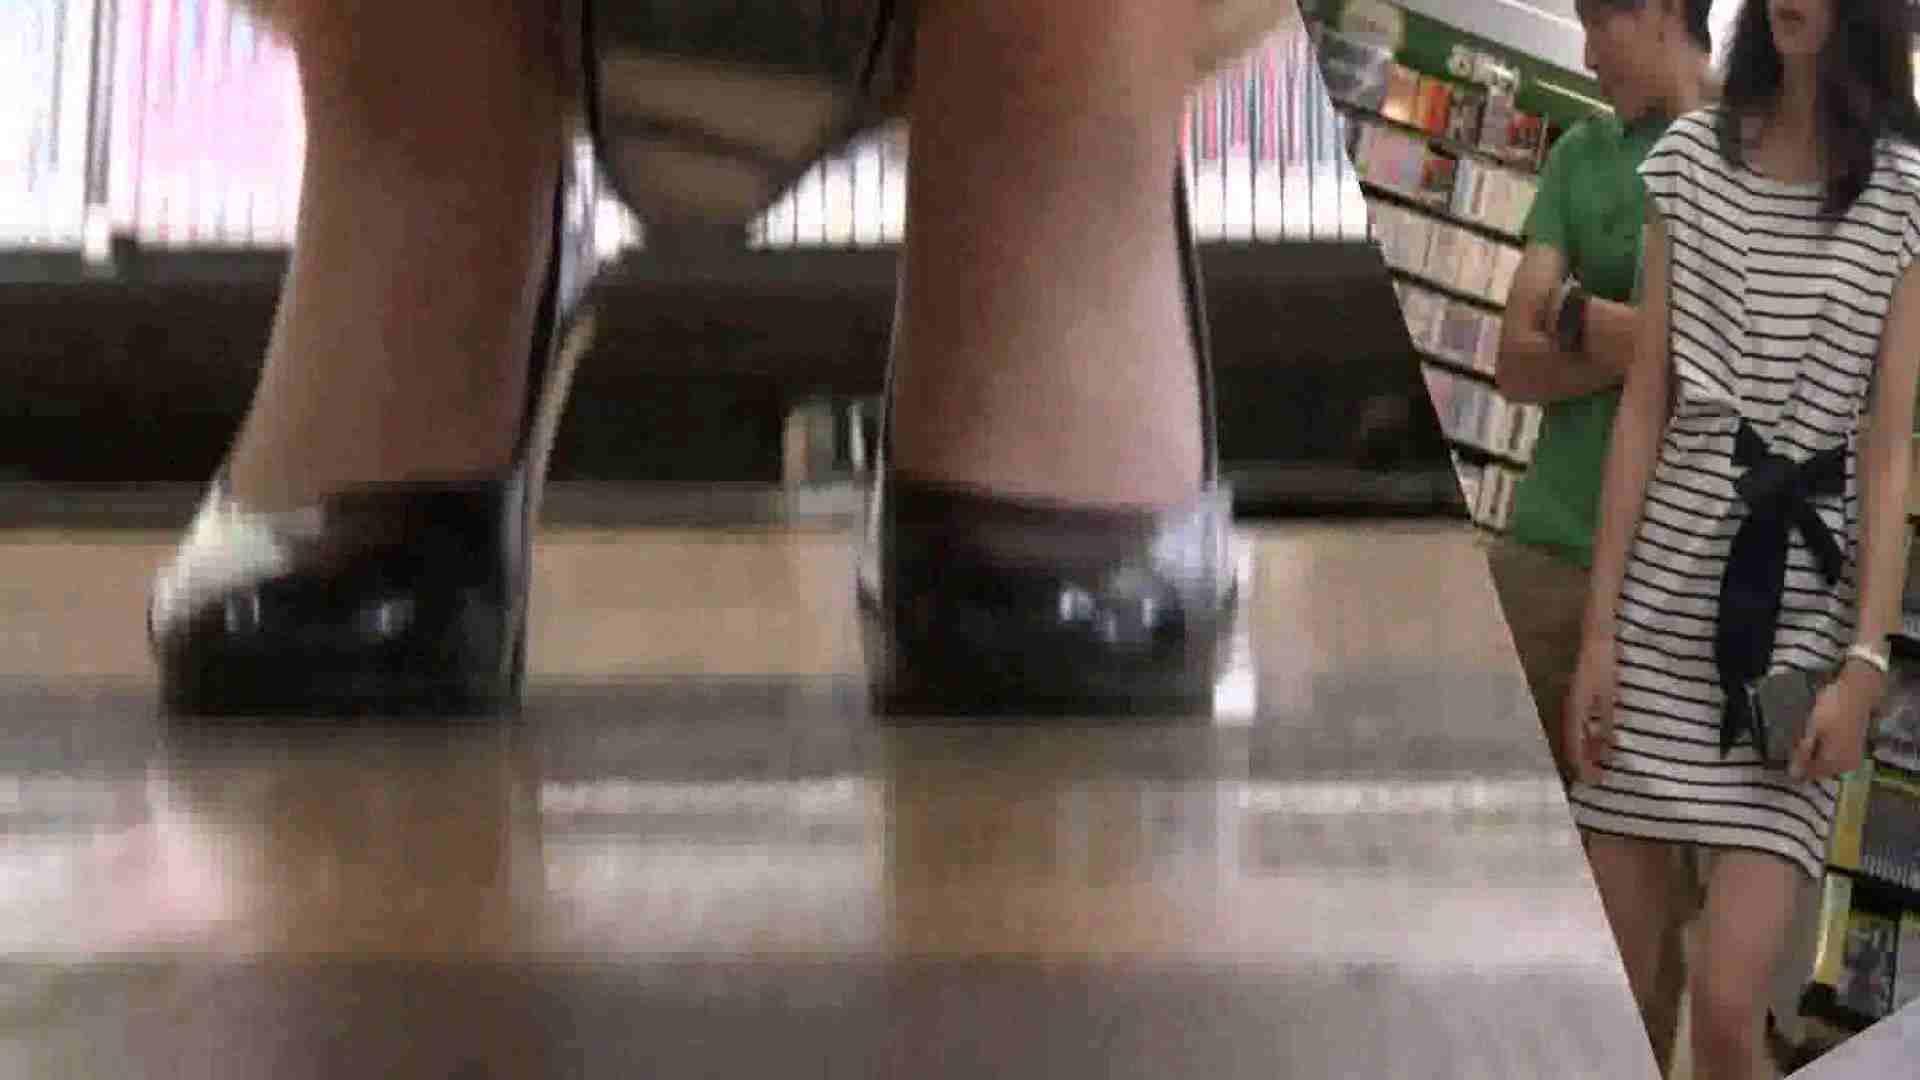 真剣に買い物中のgal達を上から下から狙います。vol.01 チラ系 | JK  79pic 64